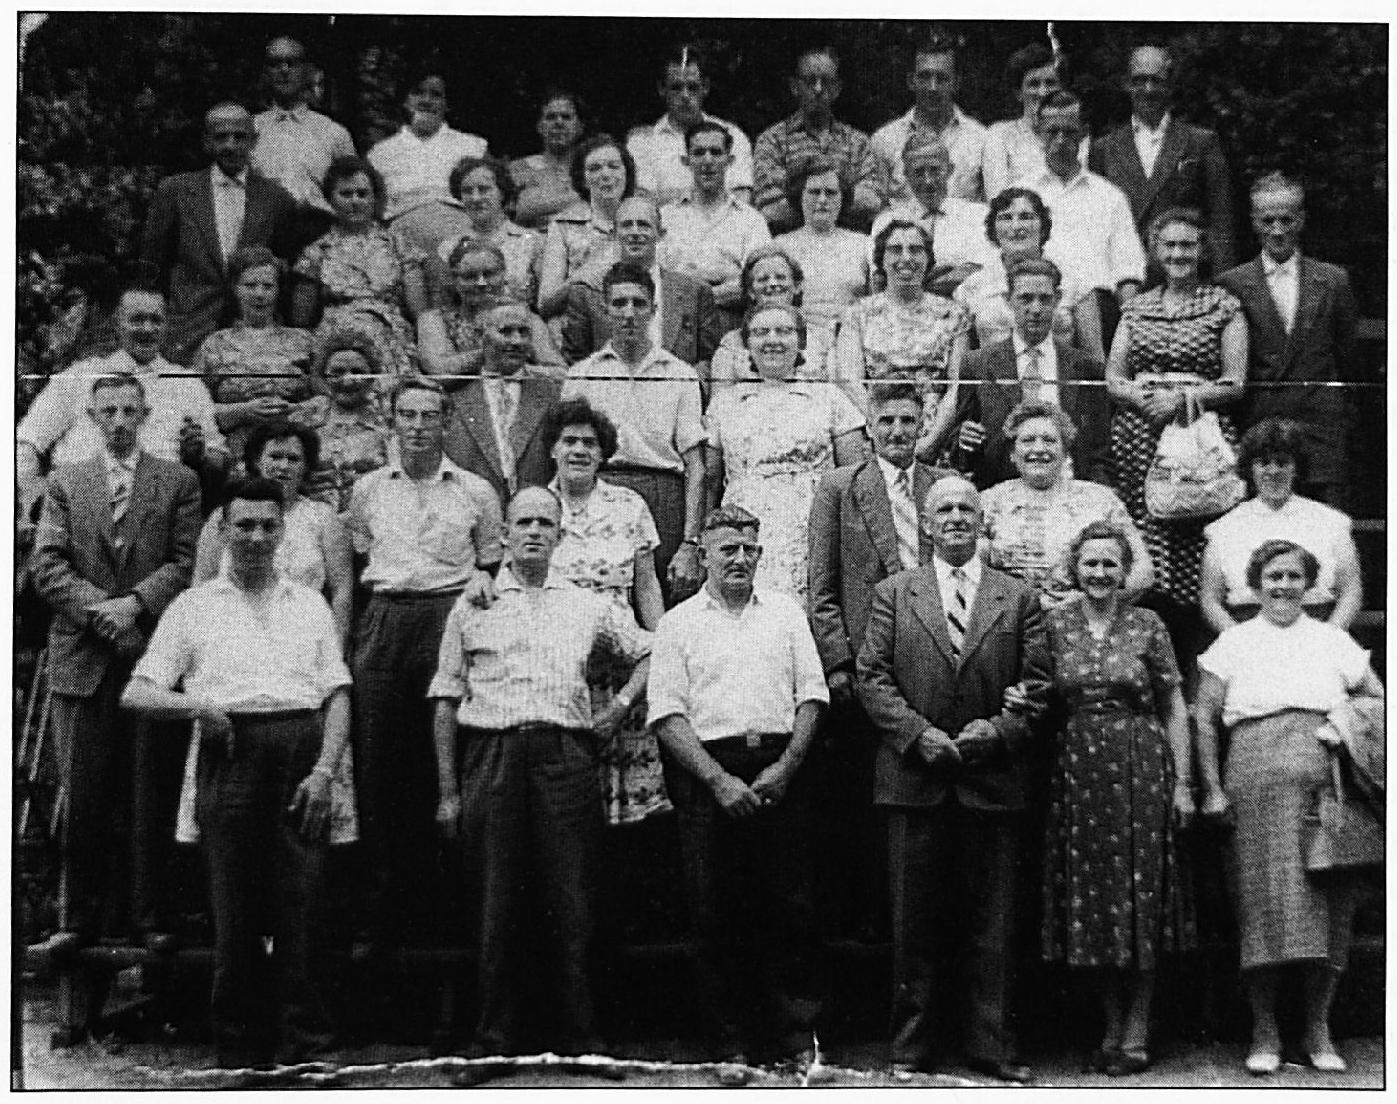 """Eind 1955 werd de reisvereniging """"Ons Vermaak"""" opgericht, dit was een onderdeel van de vakbeweging metaal, St. Eloy. Achterste rij v.l.n.r.: Cor van Rossum, Mevr. Van Rossum, Mevr. Janssen, Herman Janssen, Arno Janssen, Jacob Janssen, Mevr. Scheeren, Gert Scheeren. Tweede rij van achteren v.l.n.r.: Jo van Kessel, Mevr. Van Kessel, Mej. Janssen, Mevr. Zondag, Lambert Zondag, Mevr. Van Gelder, Lambert van Gelder, Piet van Lent. Derde en vierde rij van achteren, v.l.n.r.: Mevr. Visee, Mevr. Peters, Gradus Gerritsen, Mevr. Van Lent, Wim Walraven, Mevr. Walraven, Jan Peters, Jan Zondag, Mevr. Zondag, Mevr. Gerritsen, Mevr. Koolhout, Piet van Zwam, Mevr. Van Dodewaard, Stef van Dodewaard. Zesde rij van achteren, v.l.n.r.: Frans Zondag, Adri Wolvers, de chauffeur van de bus, Arno v.d. Locht, Mevr. v.d. Locht, Mevr. Nuy."""